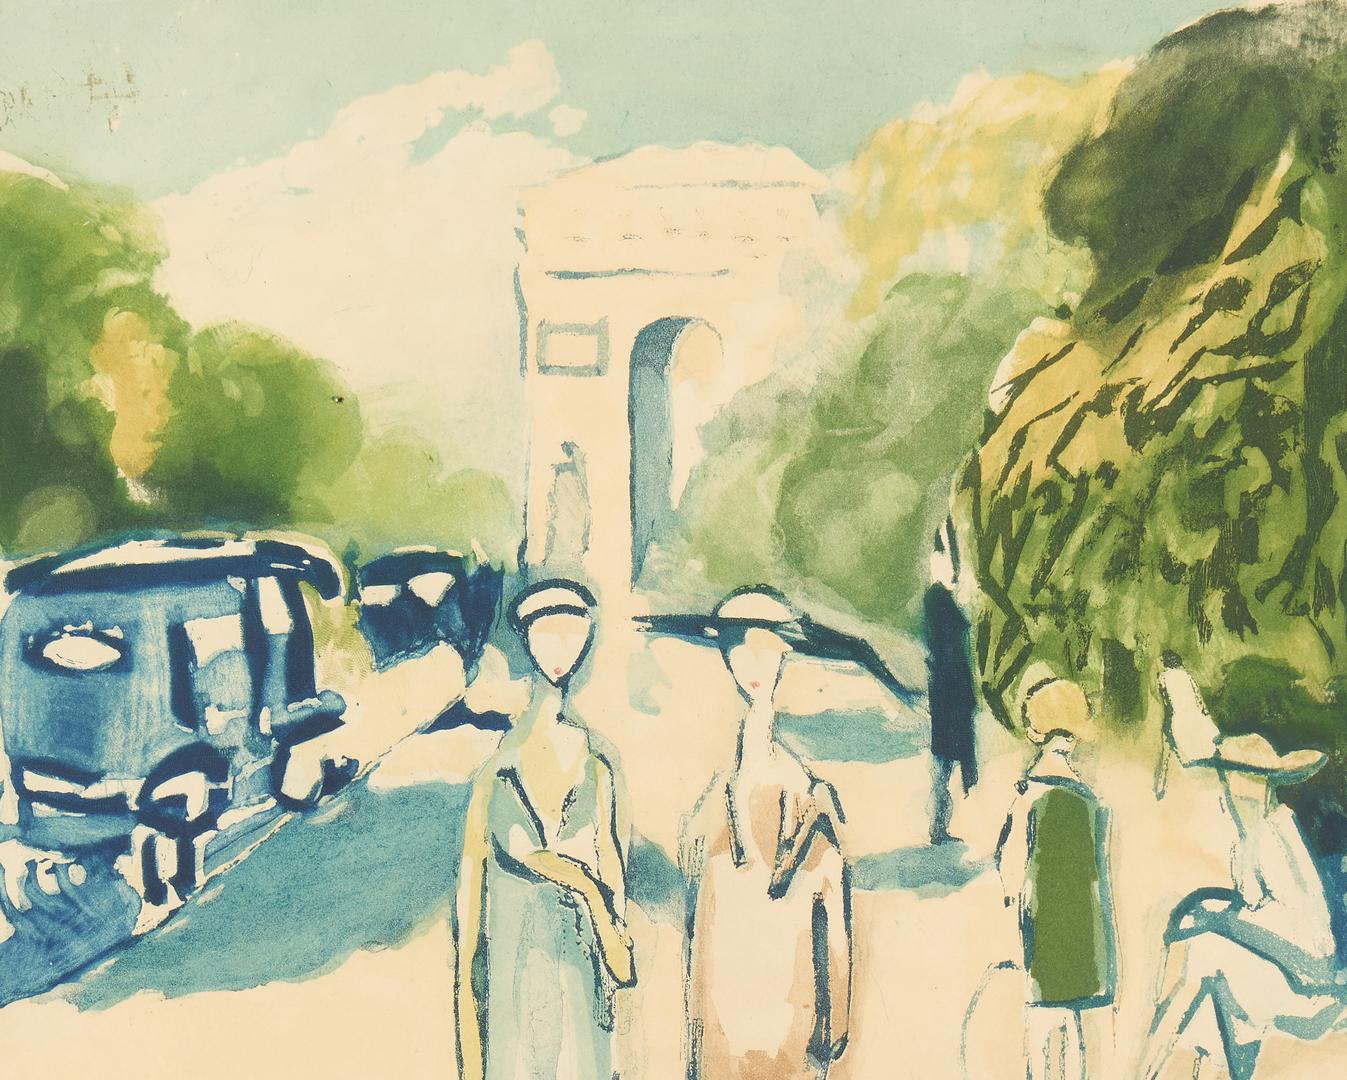 Lot 882: J. Villon after Kees Van Dongen, Avenue du Bois, aquatint